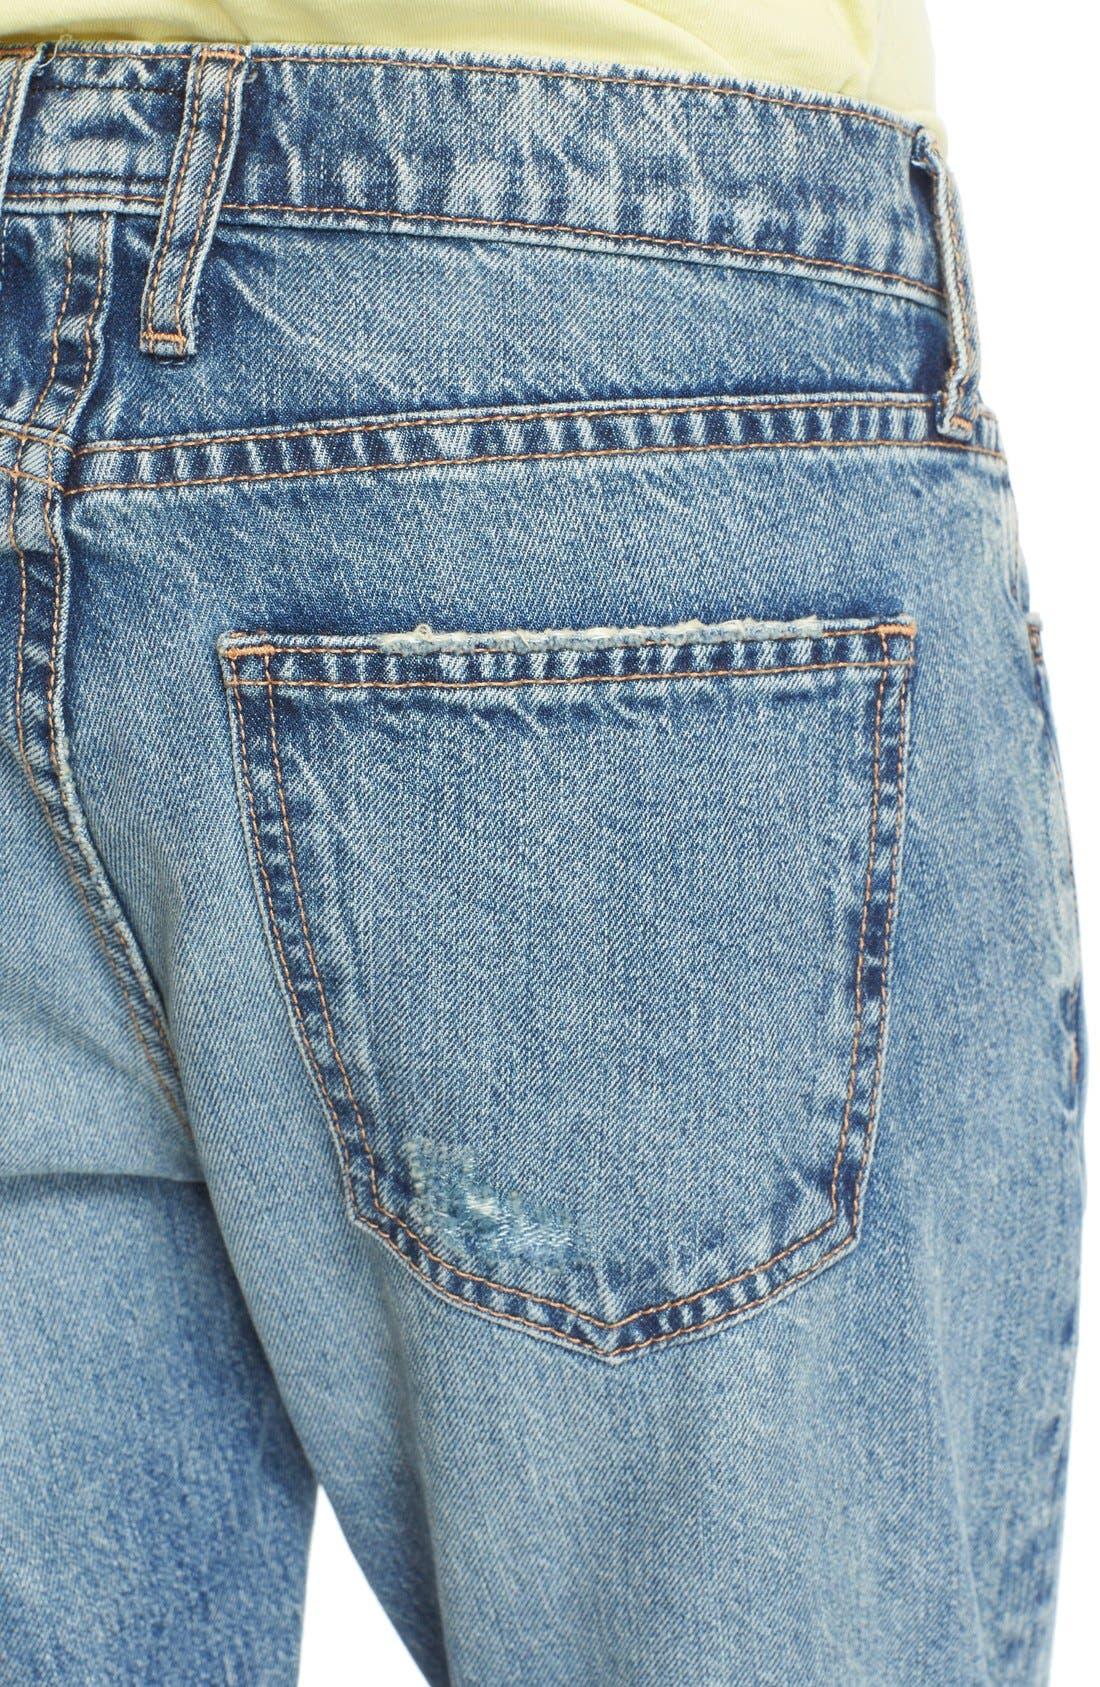 Alternate Image 4  - Current/Elliott 'The Fling' Jeans (Bedford Destroyed)